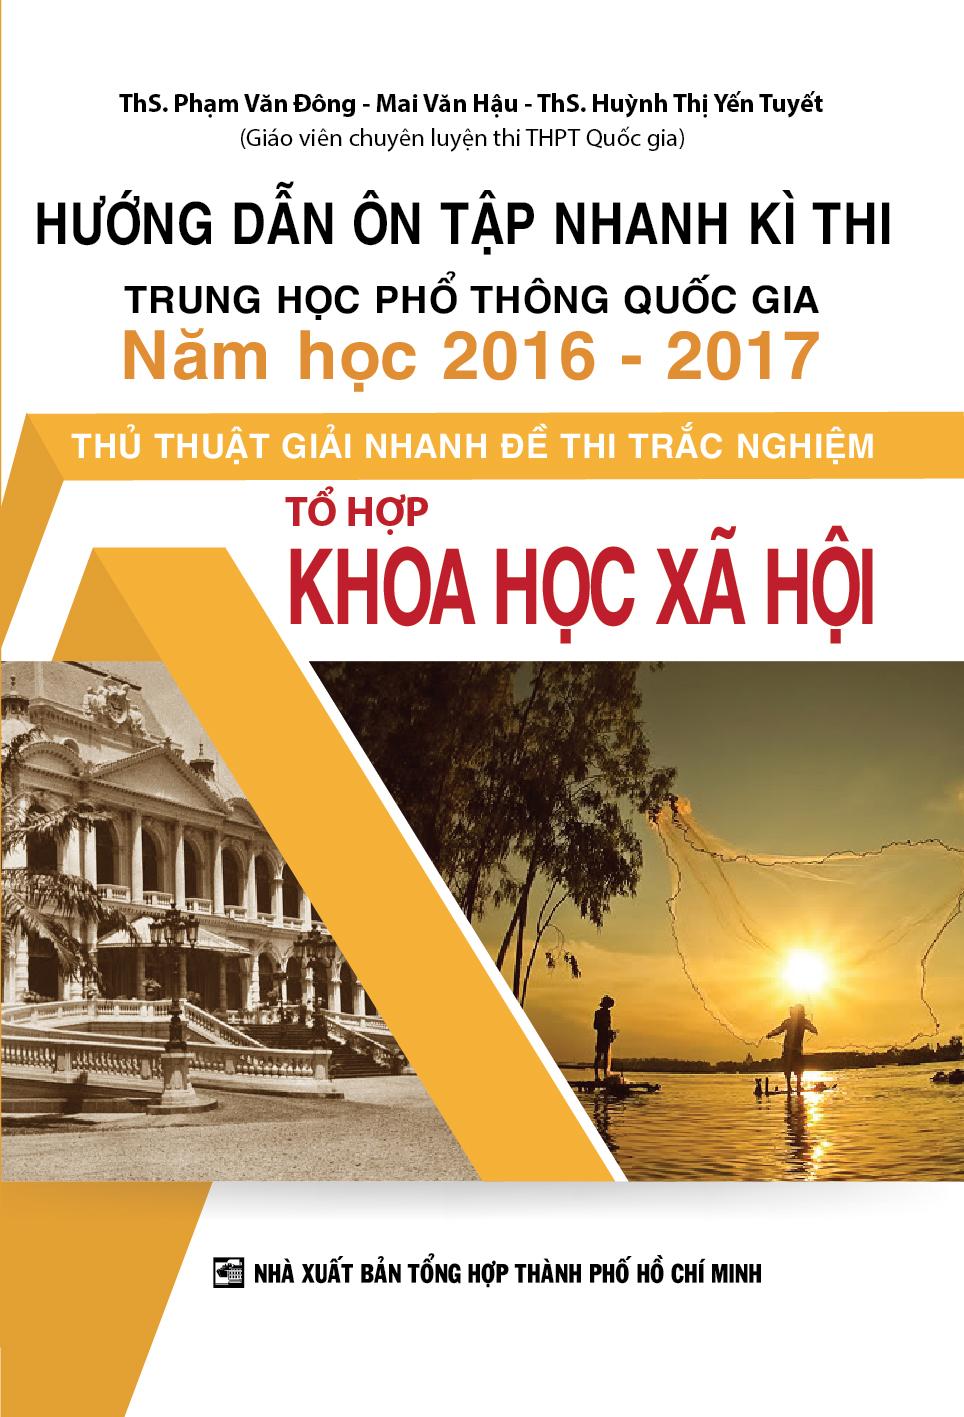 Hướng Dẫn Ôn Tập Nhanh Kì Thi THPT Quốc Gia Năm Học 2016 - 2017 Thủ Thuật Giải Nhanh Đề Thi Trắc Nghiệm Khoa Học Xã Hội - EBOOK/PDF/PRC/EPUB